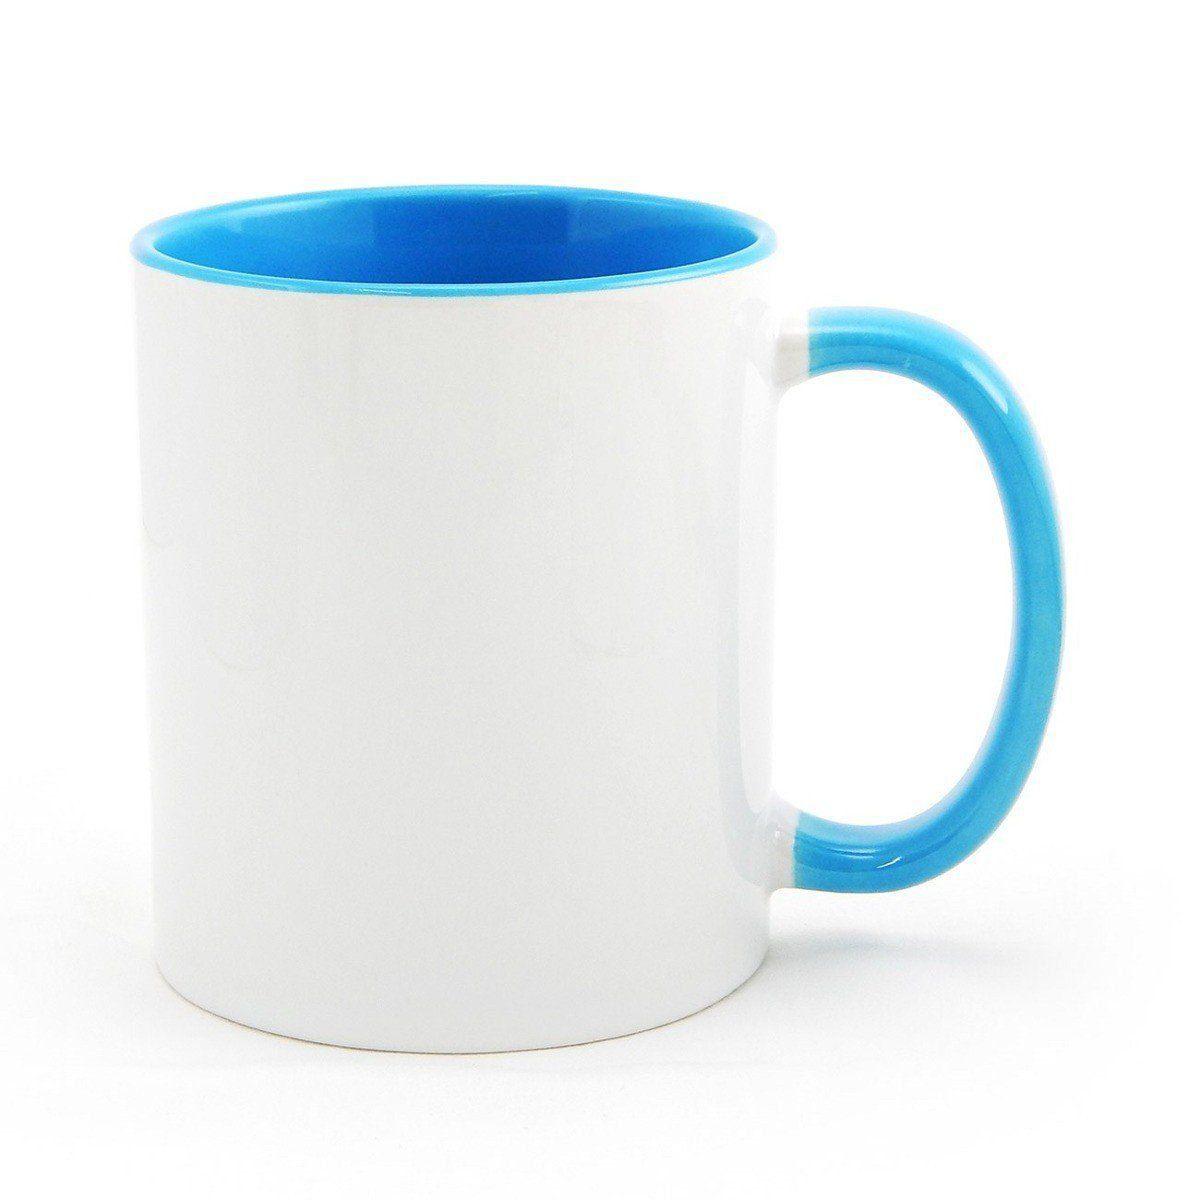 Caneca P Sublimação - Interna Azul Claro BB 325ml